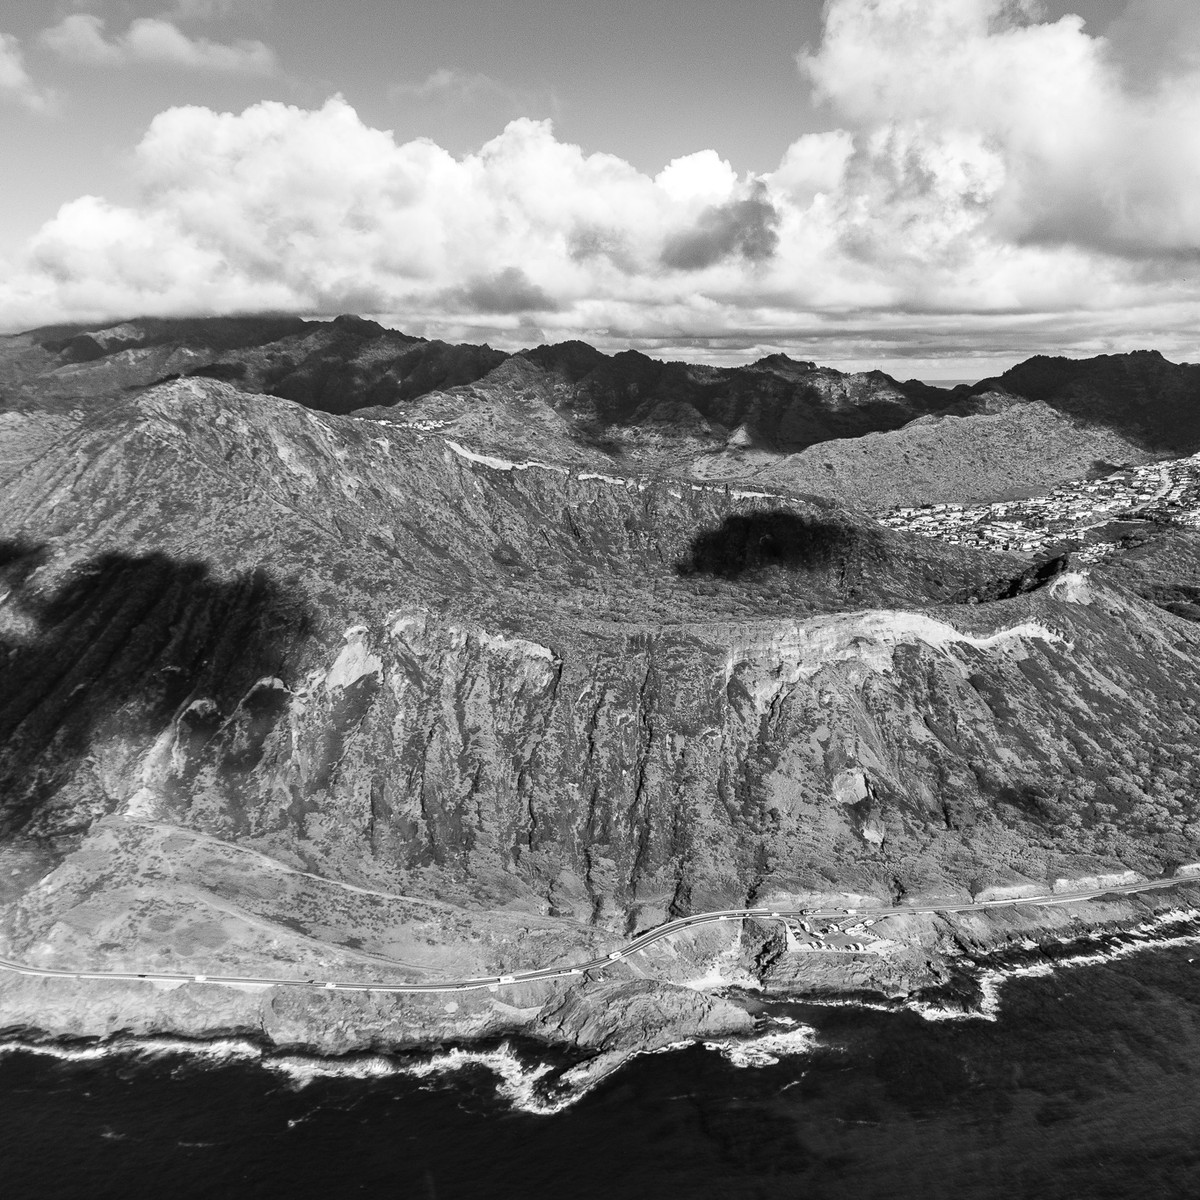 Koko Crater B&W